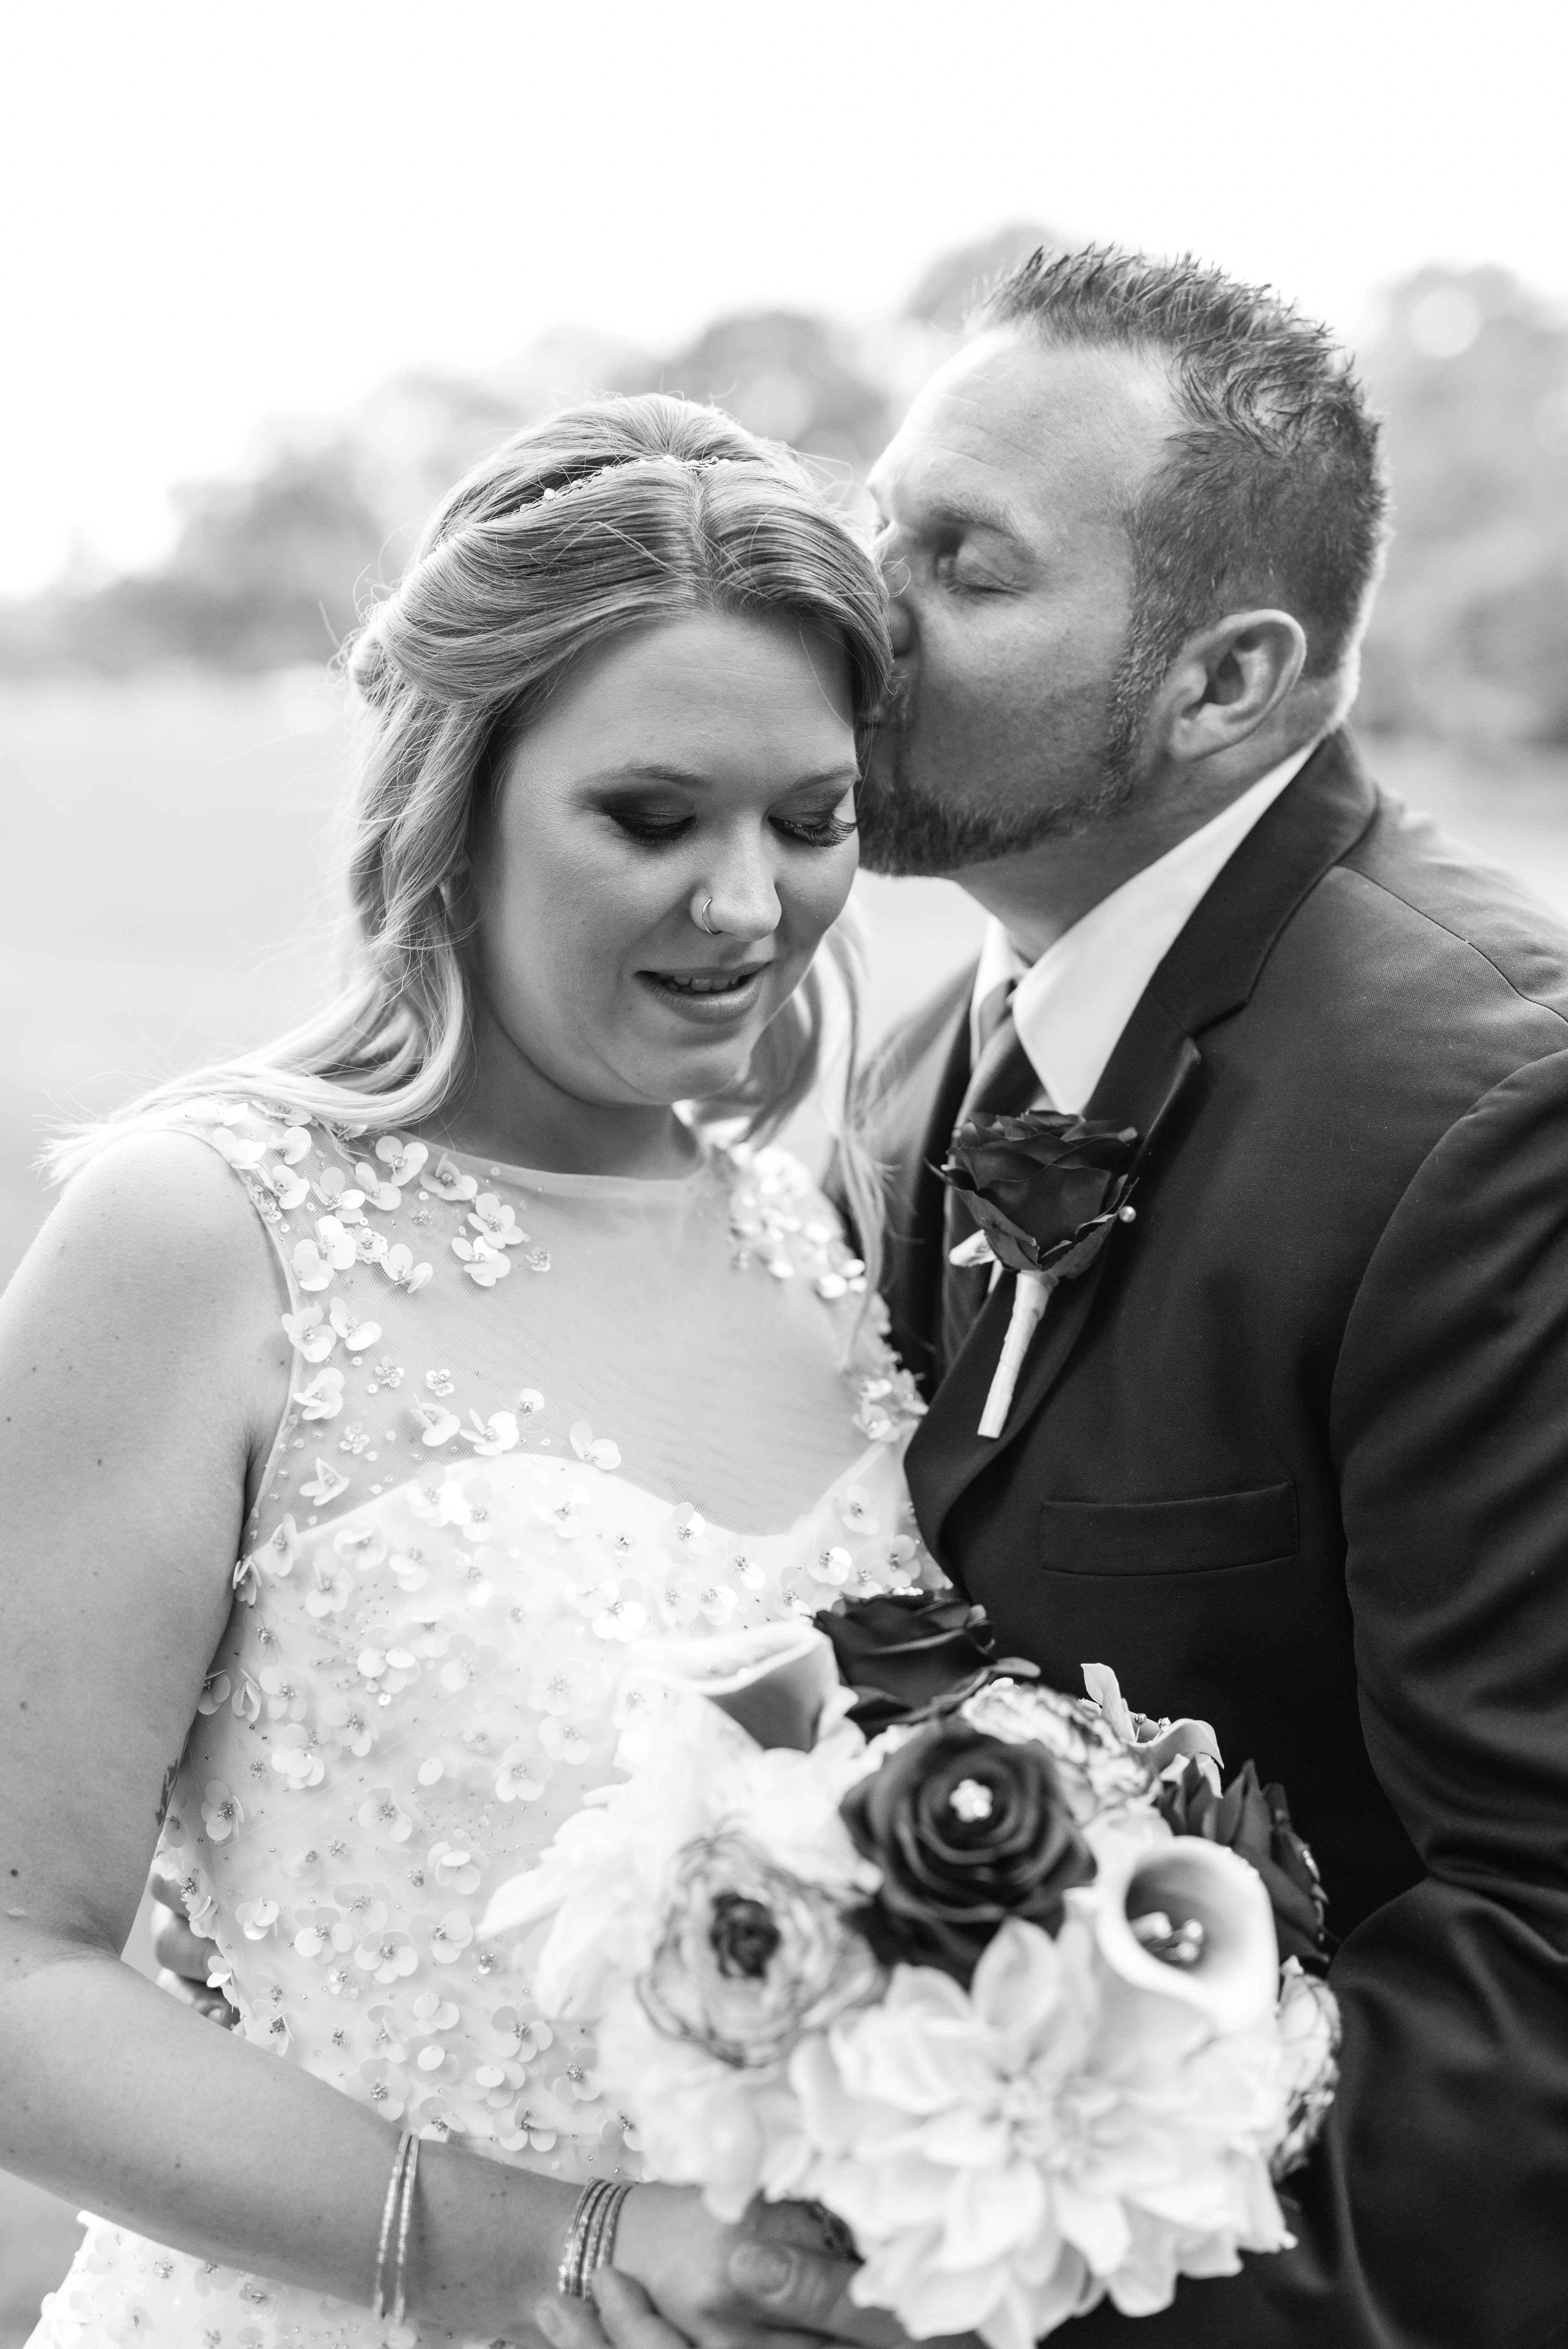 Cleveland Wedding Photographer Storytelling Photography Husband And Wife Photo Team